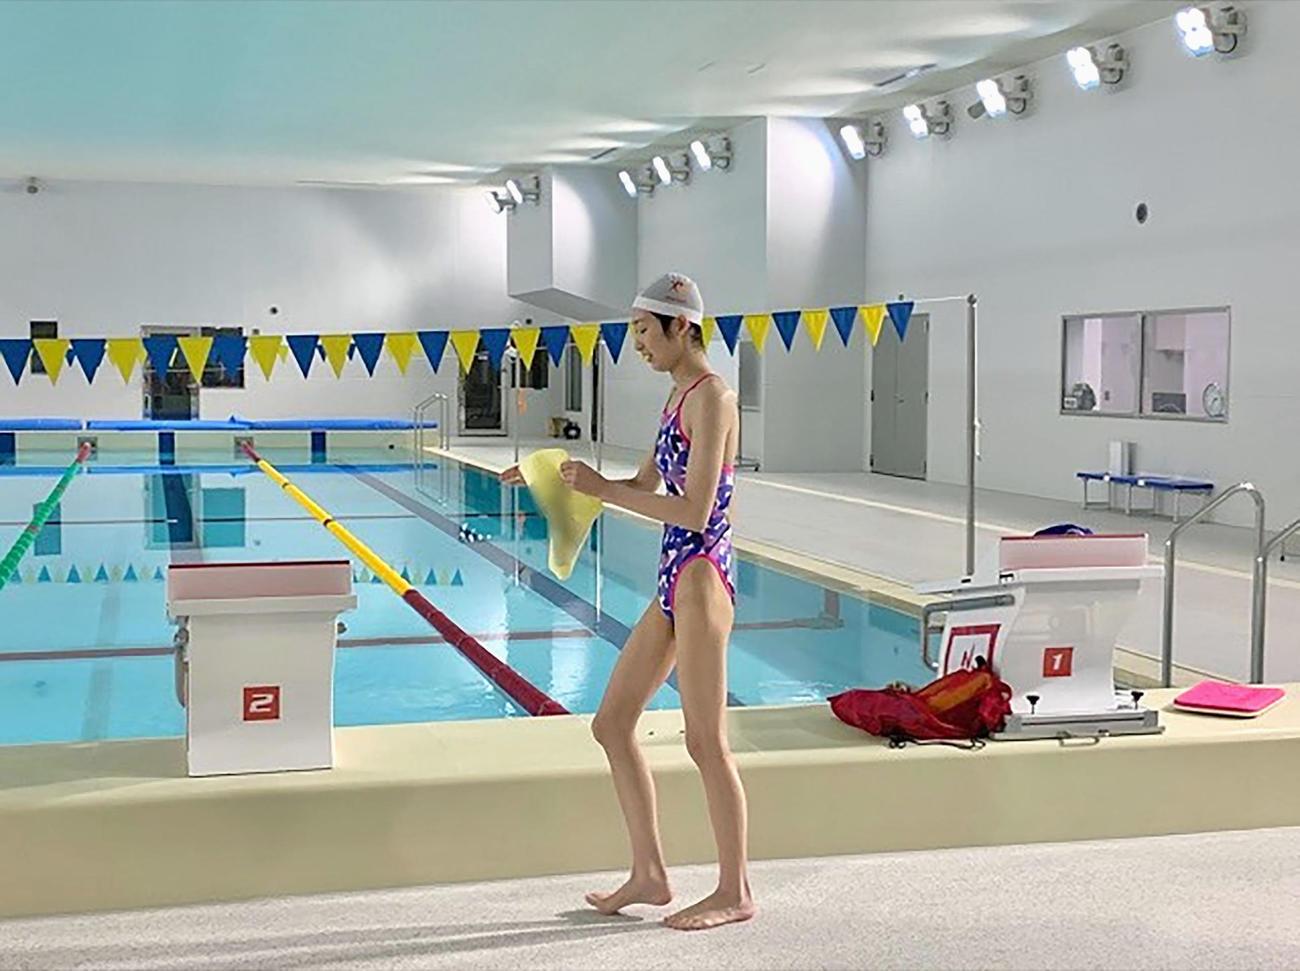 水中練習の再開からちょうど1年を迎えた競泳女子の池江璃花子がインスタグラムに投稿した写真(共同)